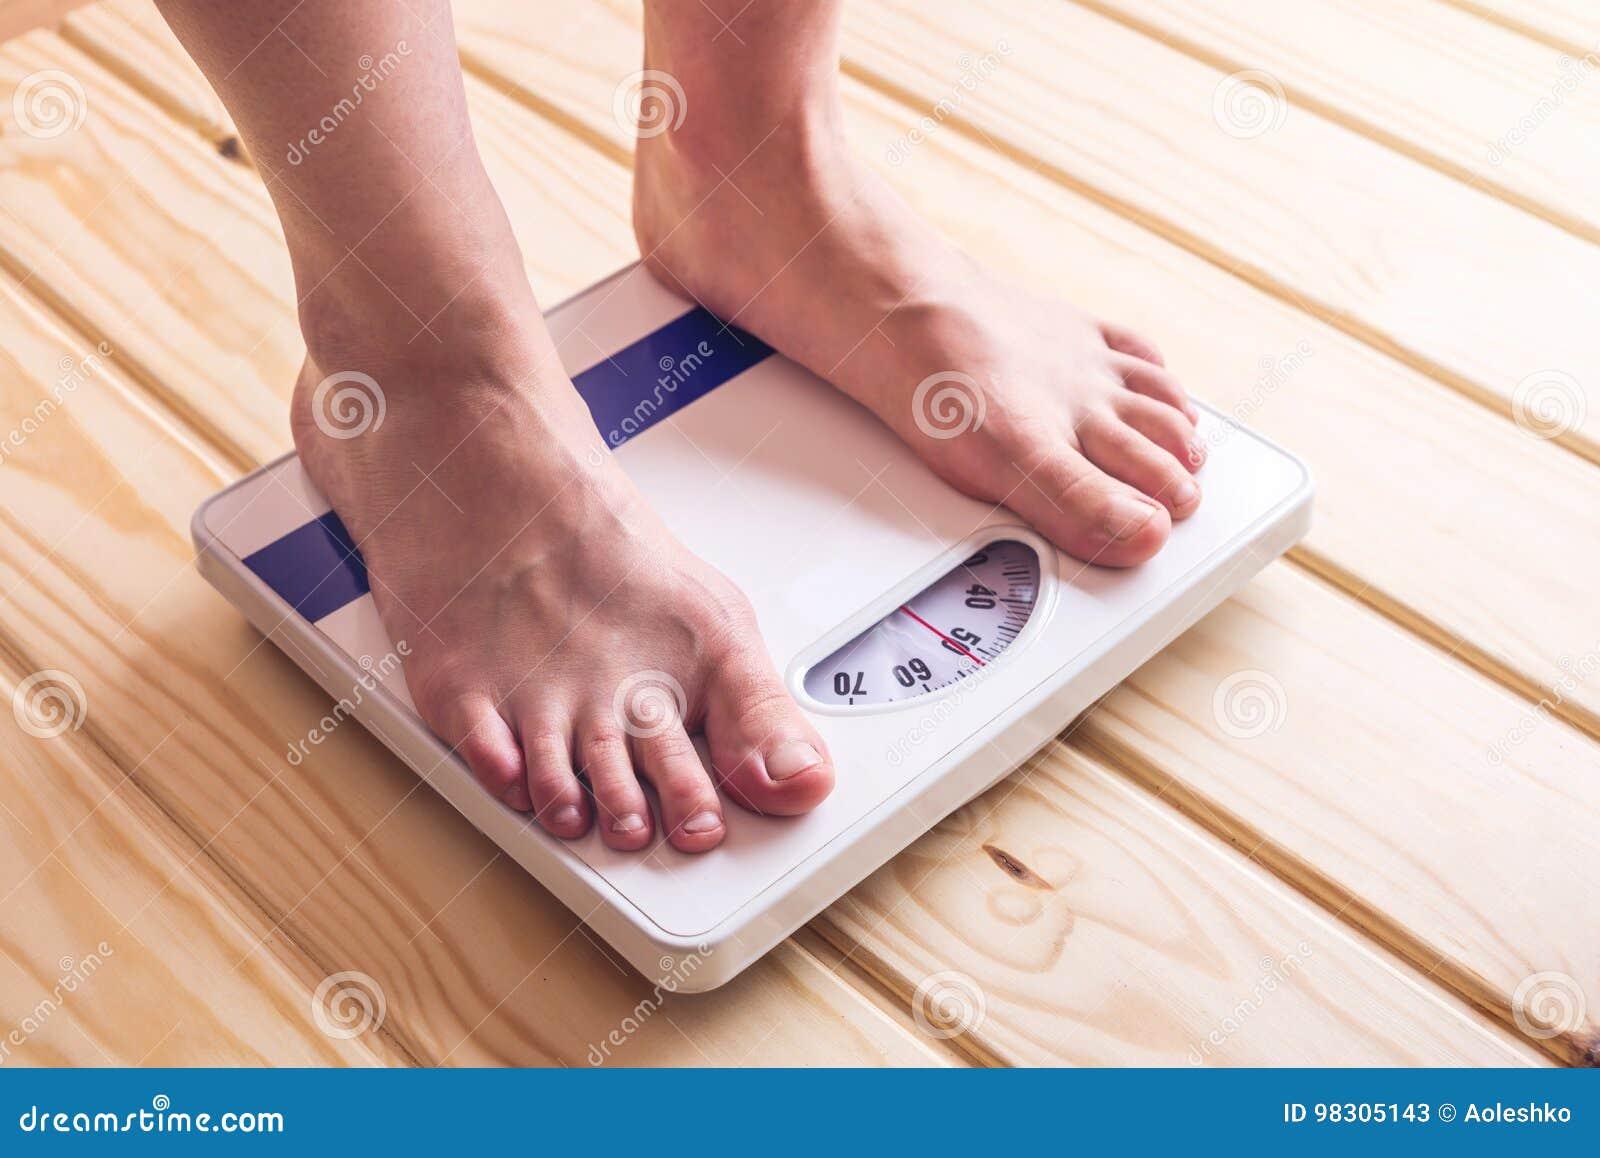 Kvinnlig fot som står på mekanisk våg för viktkontroll på träbakgrund Begrepp av bantning- och viktförlust